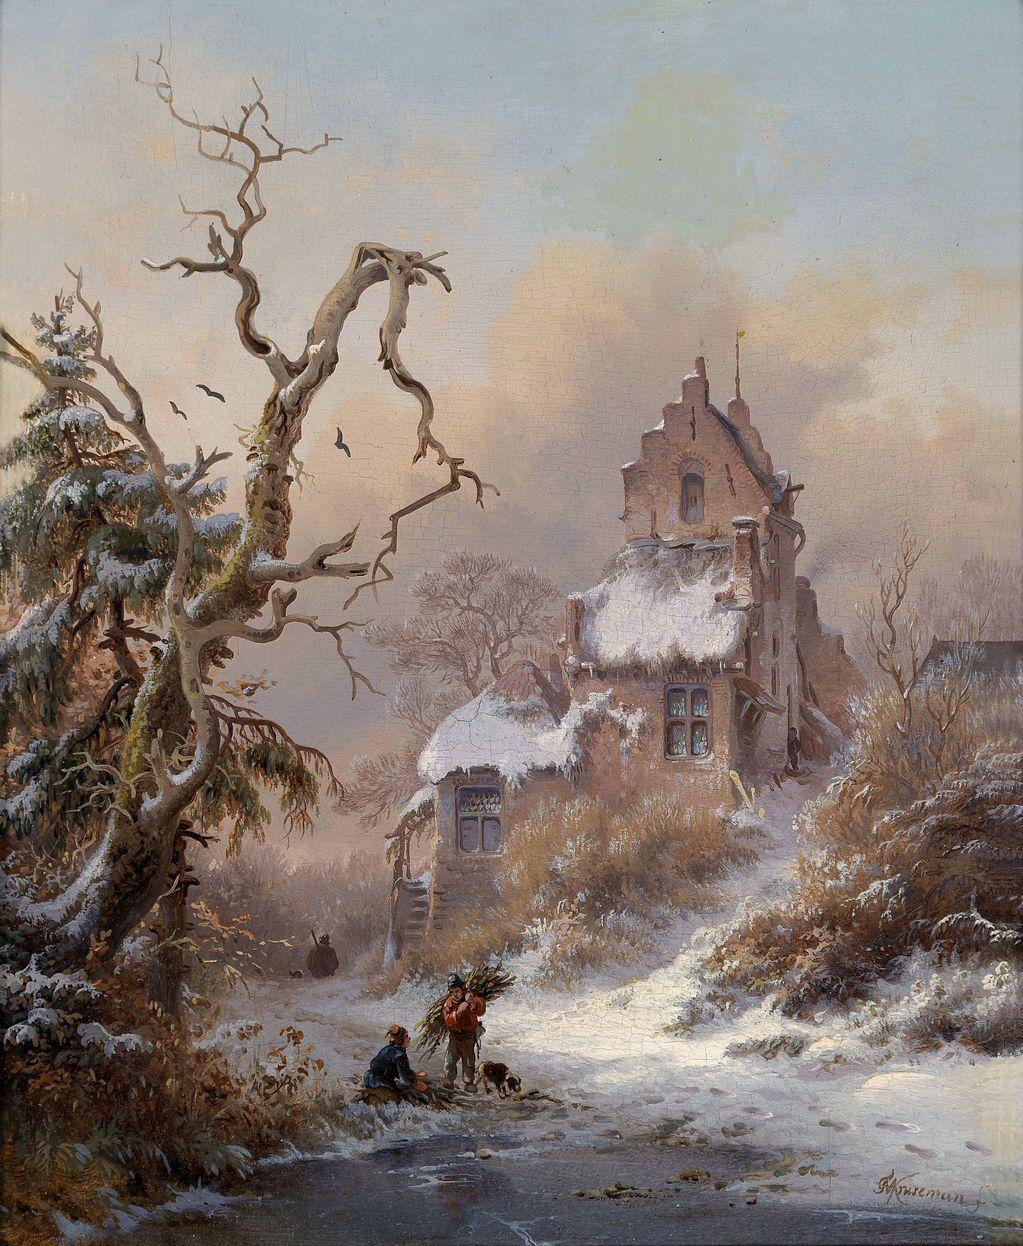 Afbeeldingen Wintertaferelen